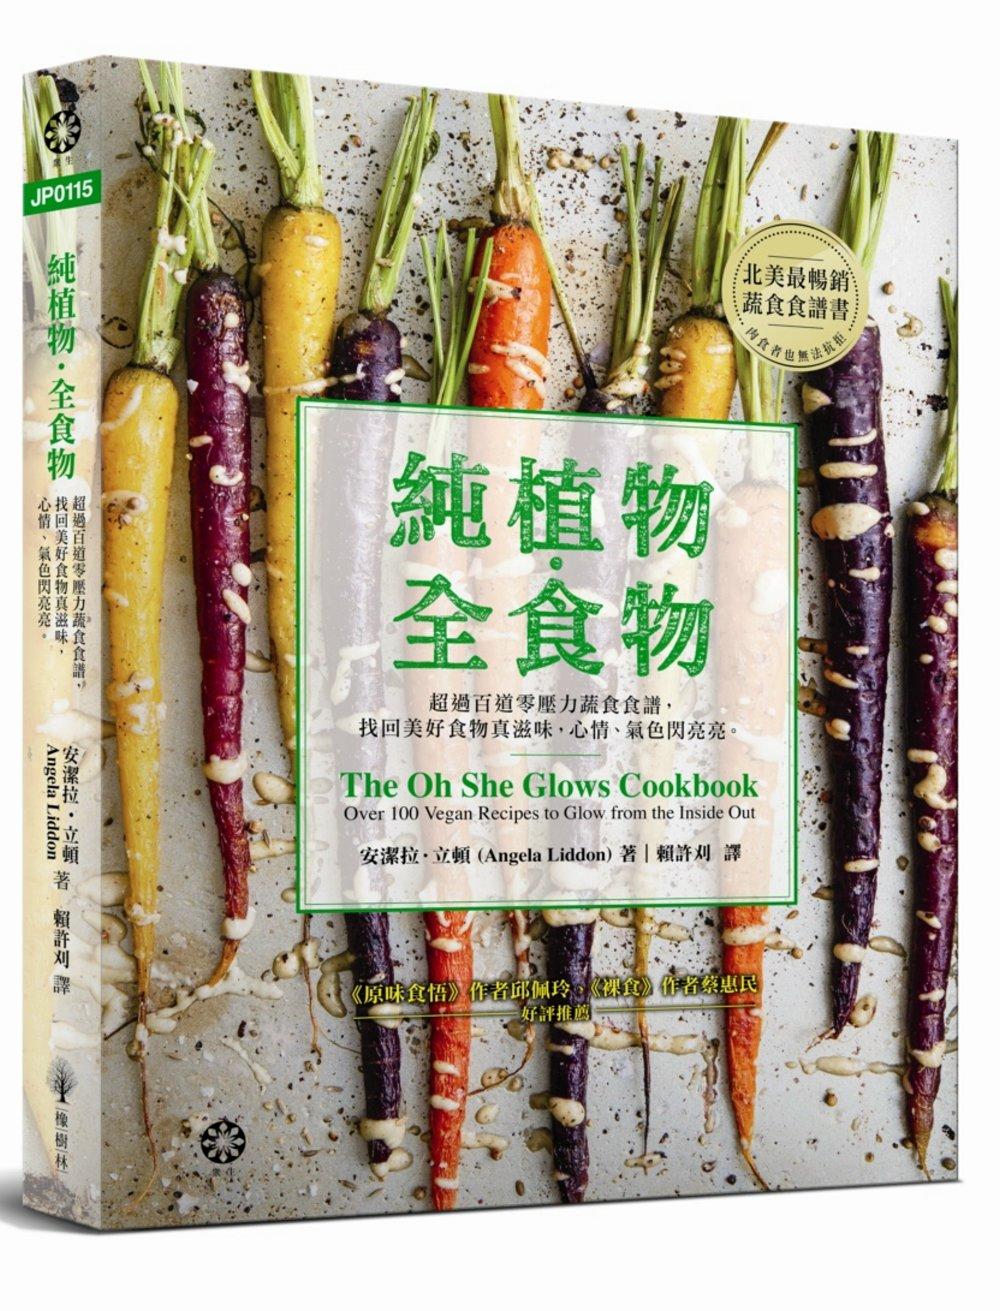 純植物‧全食物:超過百道零壓力蔬食食譜,找回美好食物真滋味,心情、氣色閃亮亮~